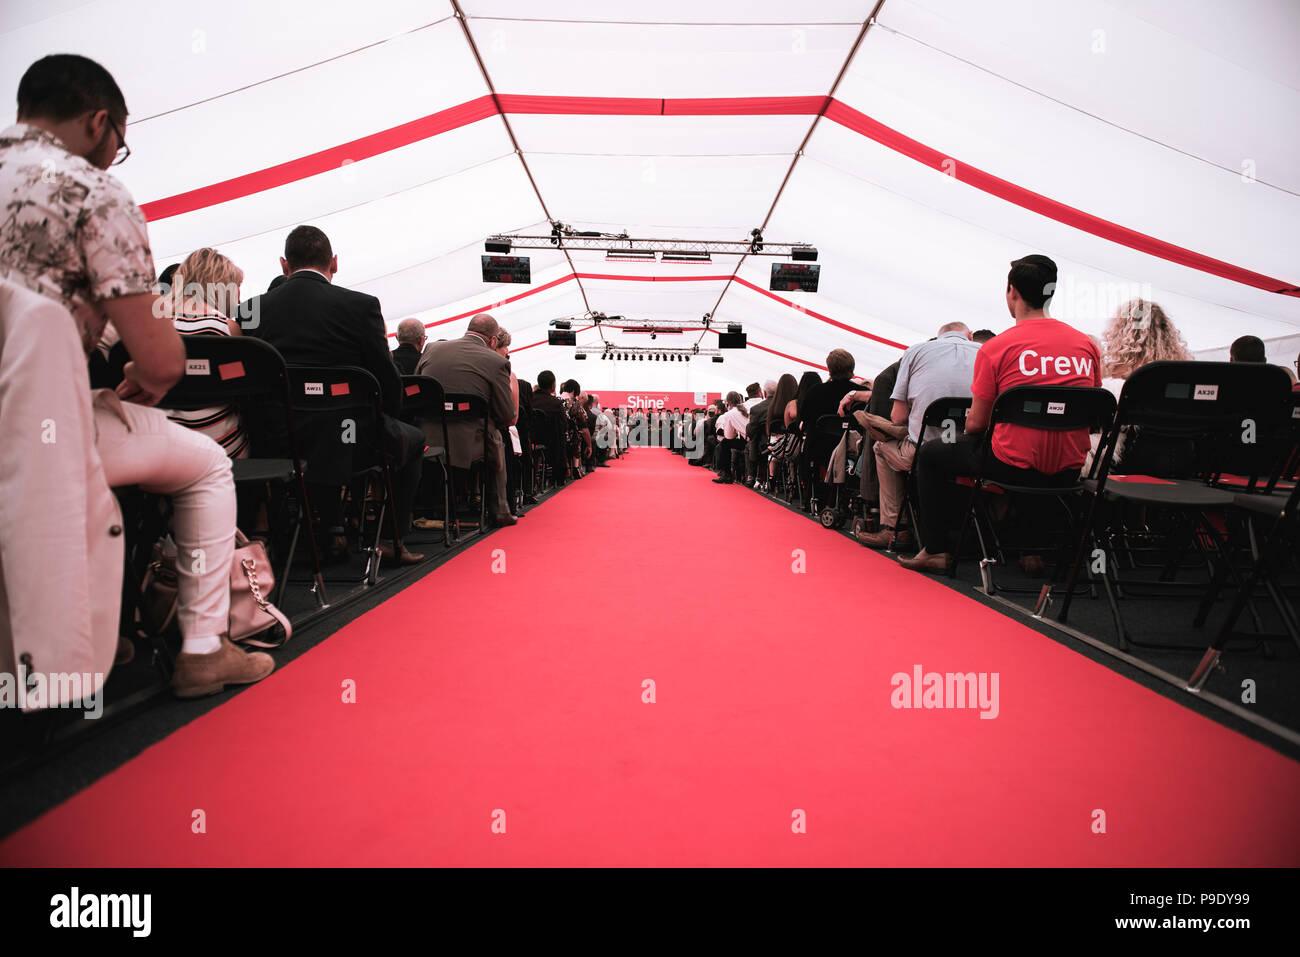 Ein Roter Teppich Der Bis Zum Abschluss Der Buhne Mit Menschen